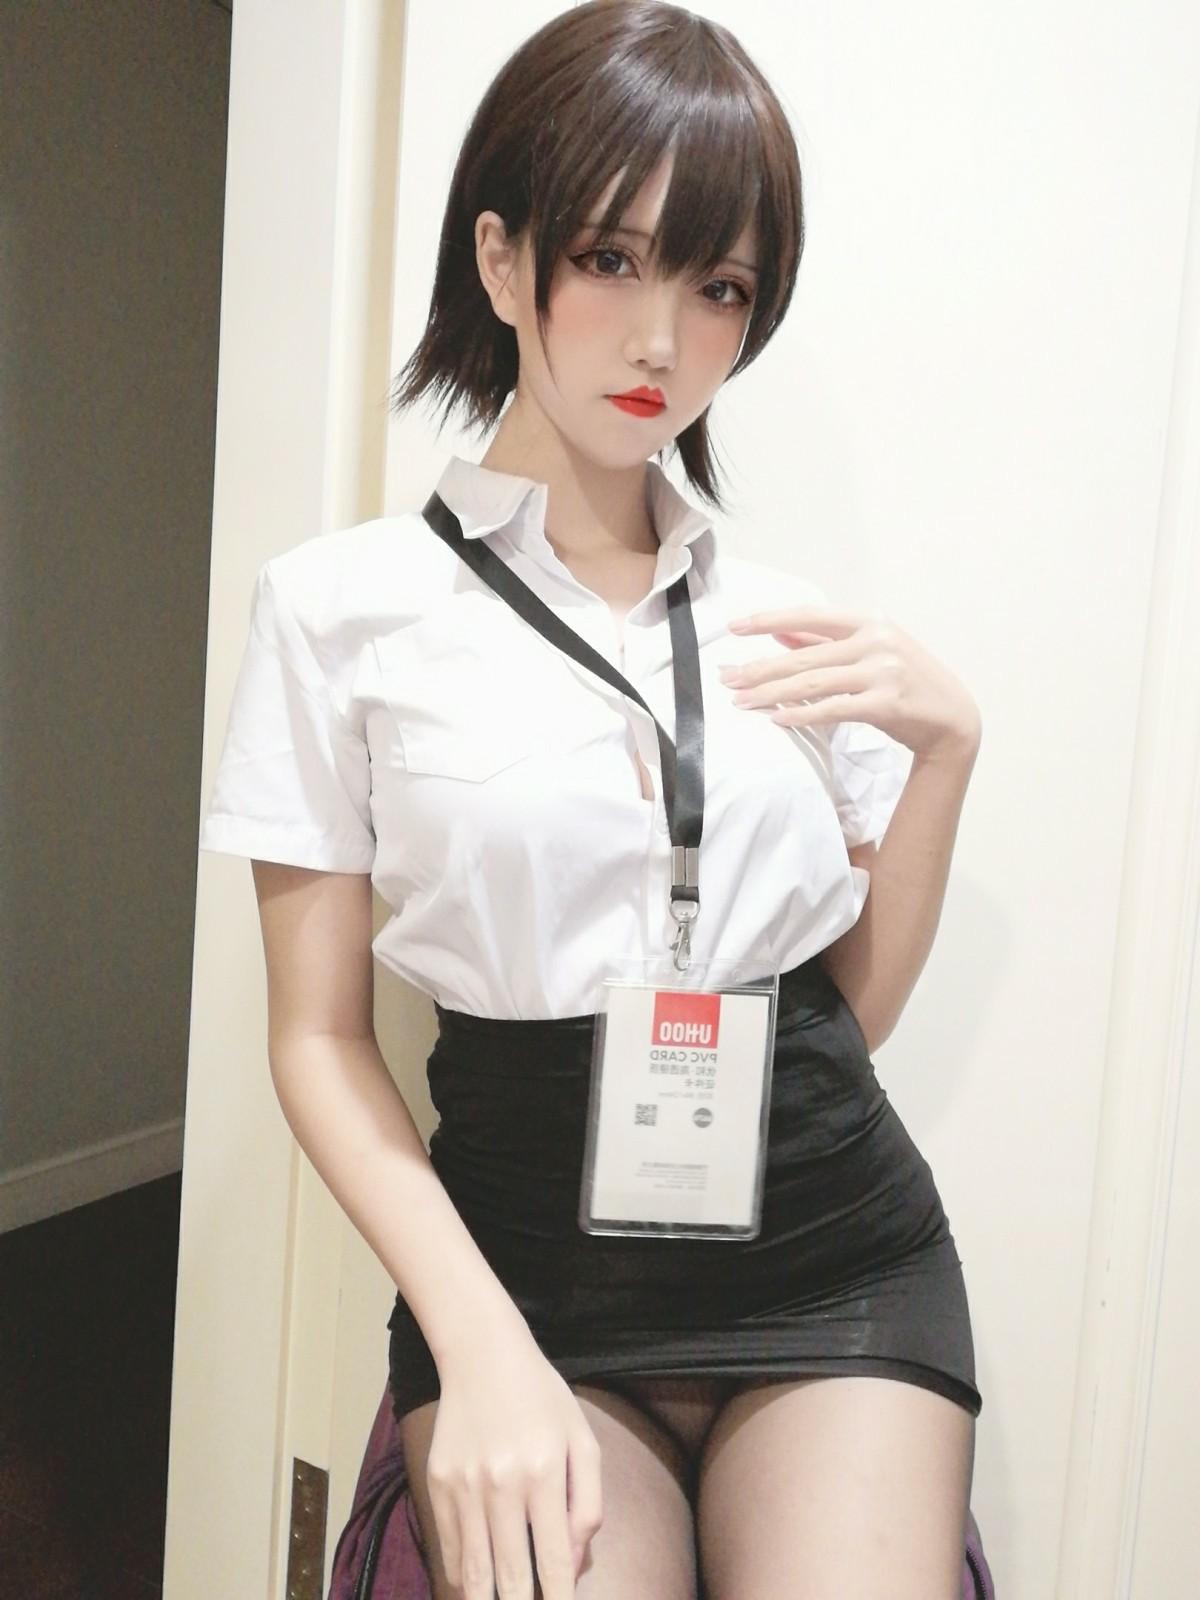 鬼马少女阿薰kaOri 黑丝OL[39P] 其他套图 第2张